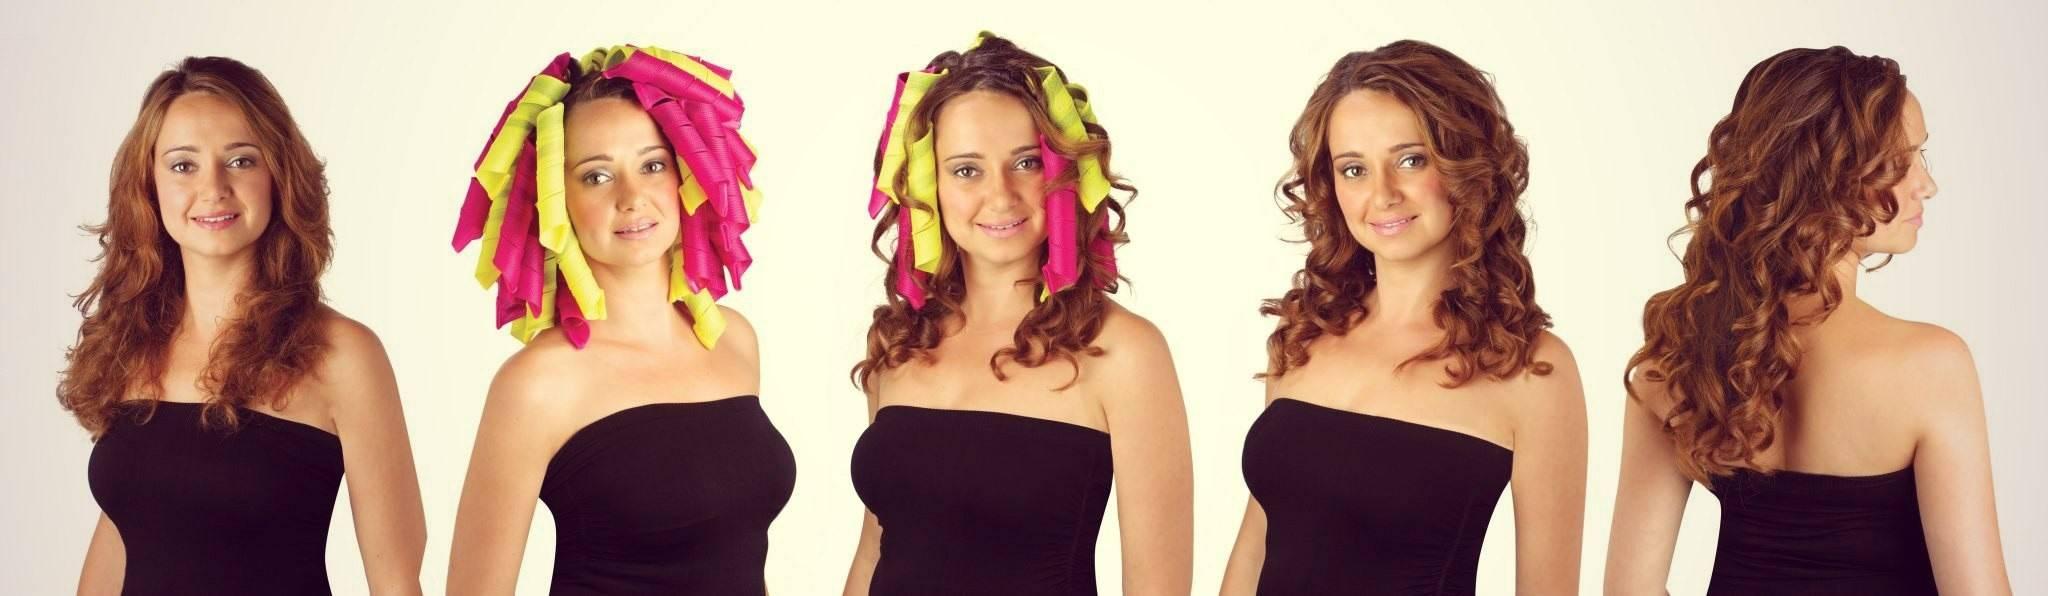 Создайте очаровательные кудри! полезные советы, как правильно накрутить бигуди на короткие волосы, не выходя из дома